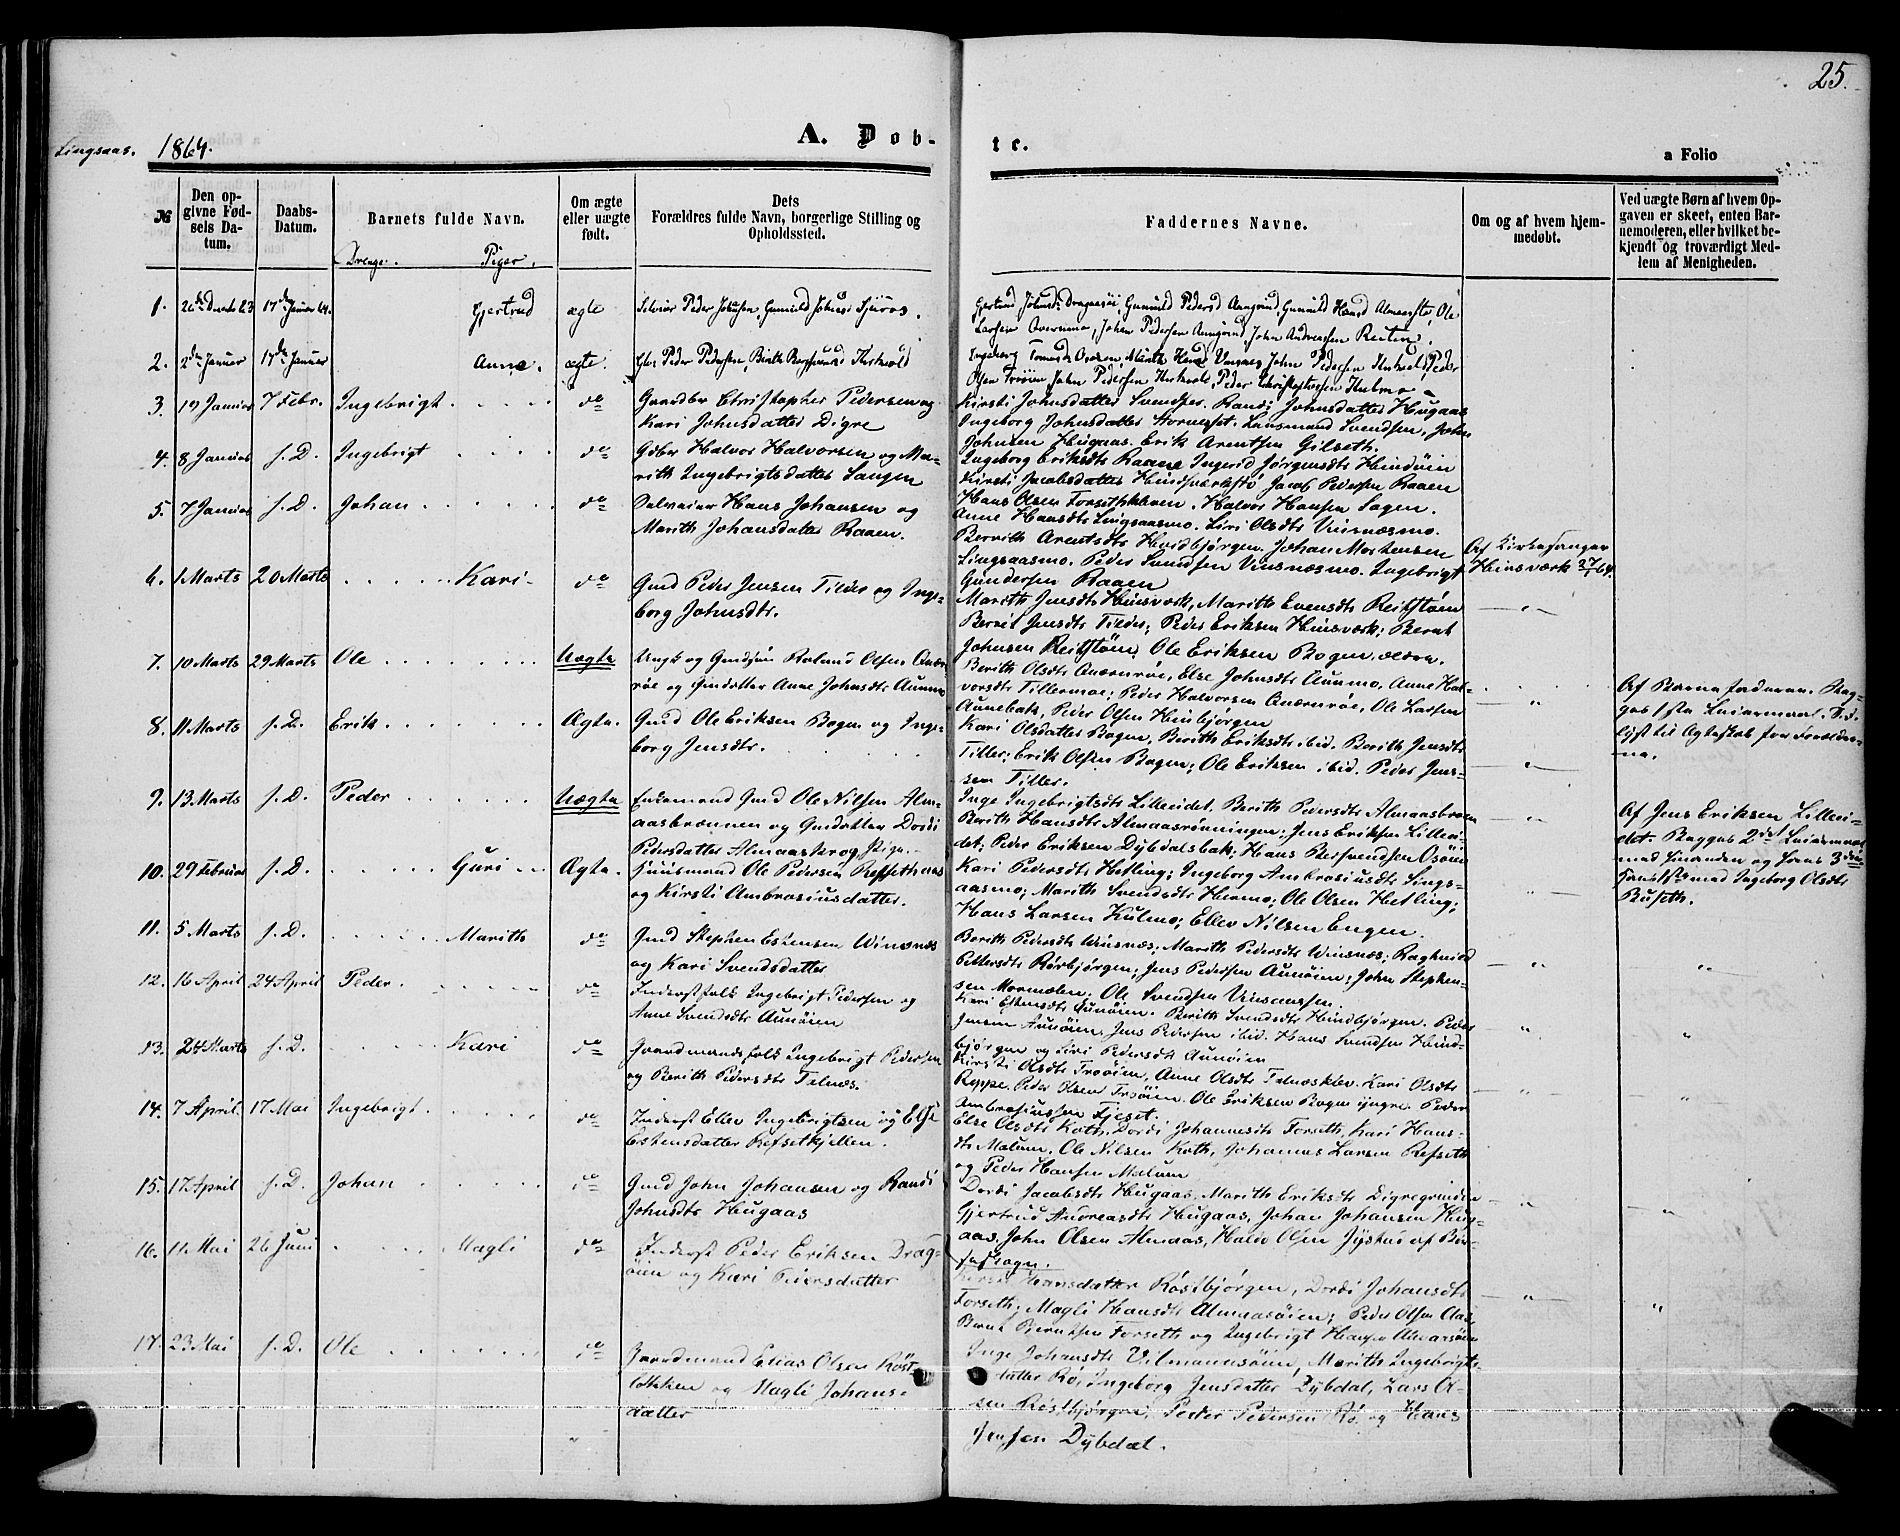 SAT, Ministerialprotokoller, klokkerbøker og fødselsregistre - Sør-Trøndelag, 685/L0967: Ministerialbok nr. 685A07 /2, 1860-1869, s. 25